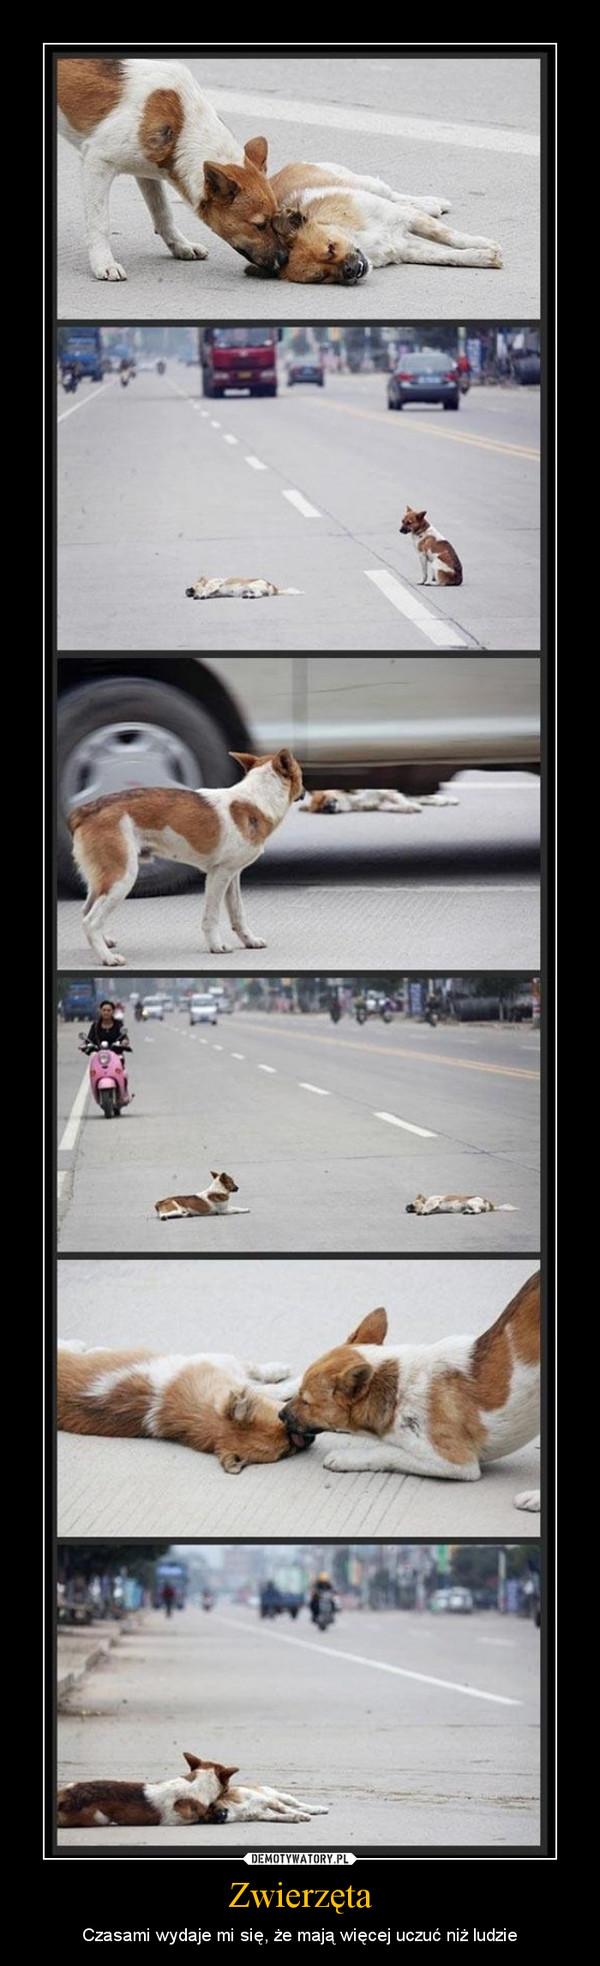 Zwierzęta – Czasami wydaje mi się, że mają więcej uczuć niż ludzie